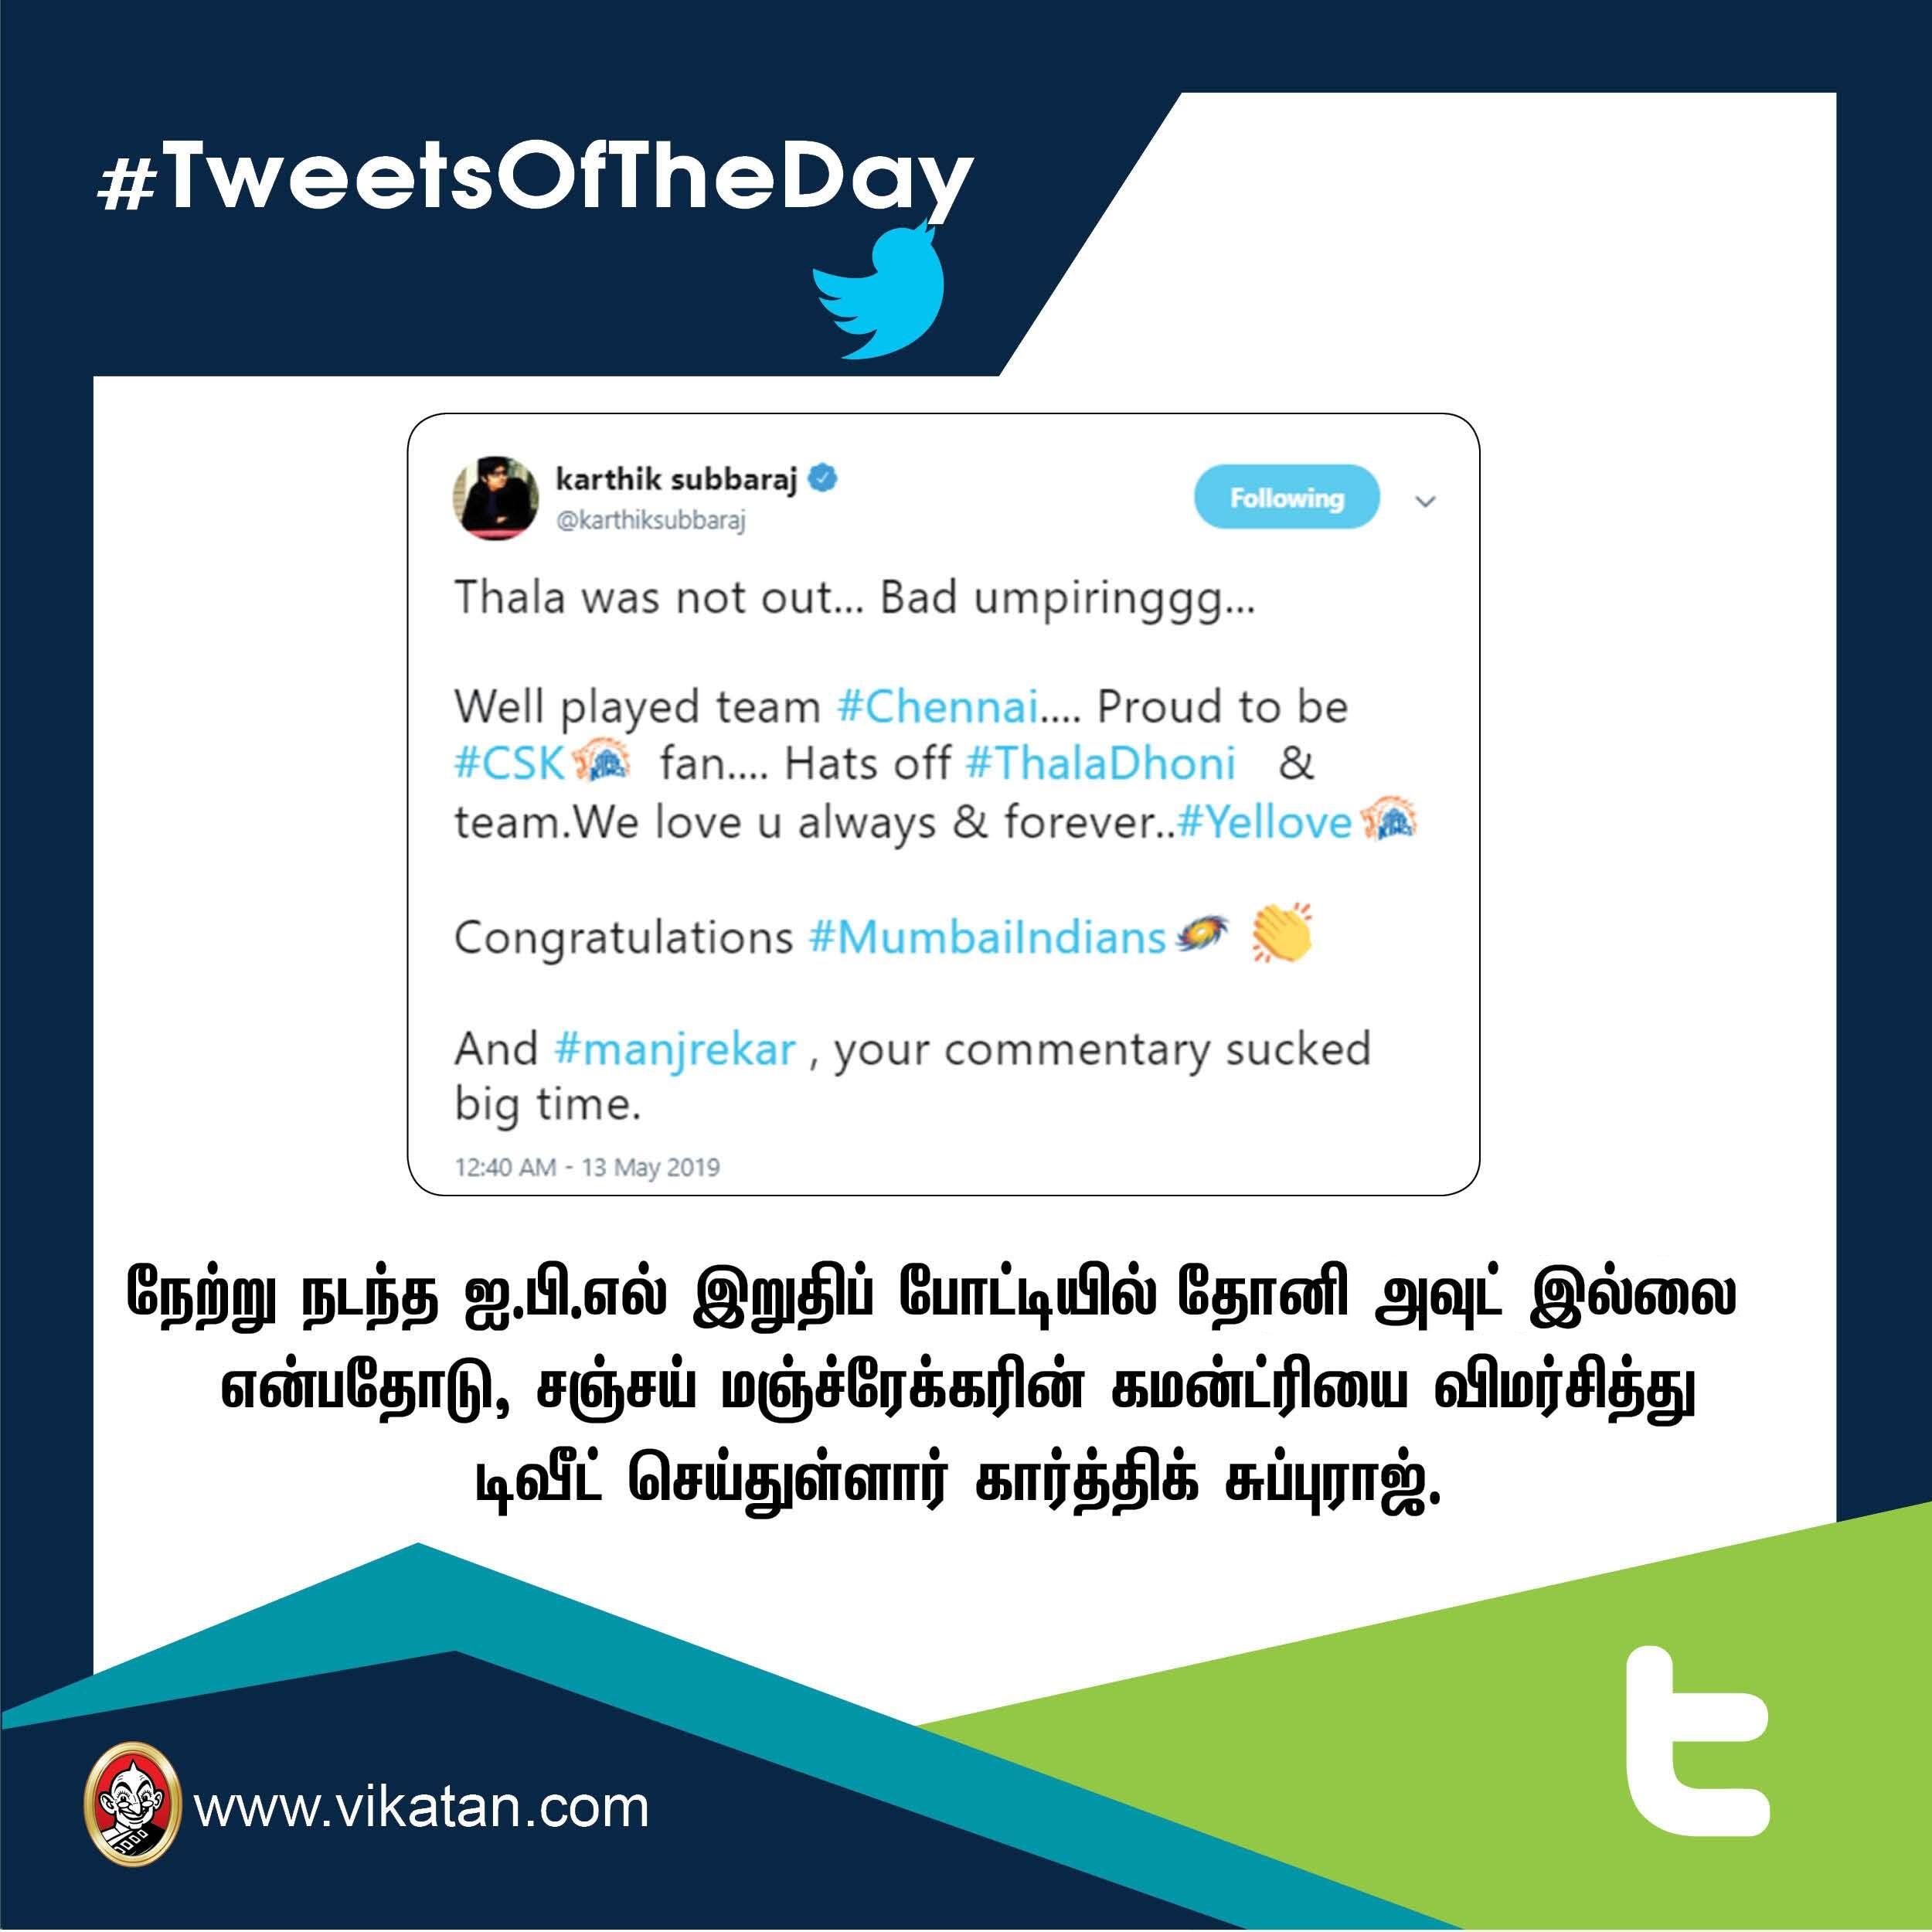 விமர்சித்த விவேக் ஓபராய் ; காரசார பார்த்திபன்! #TweetsOfTheDay